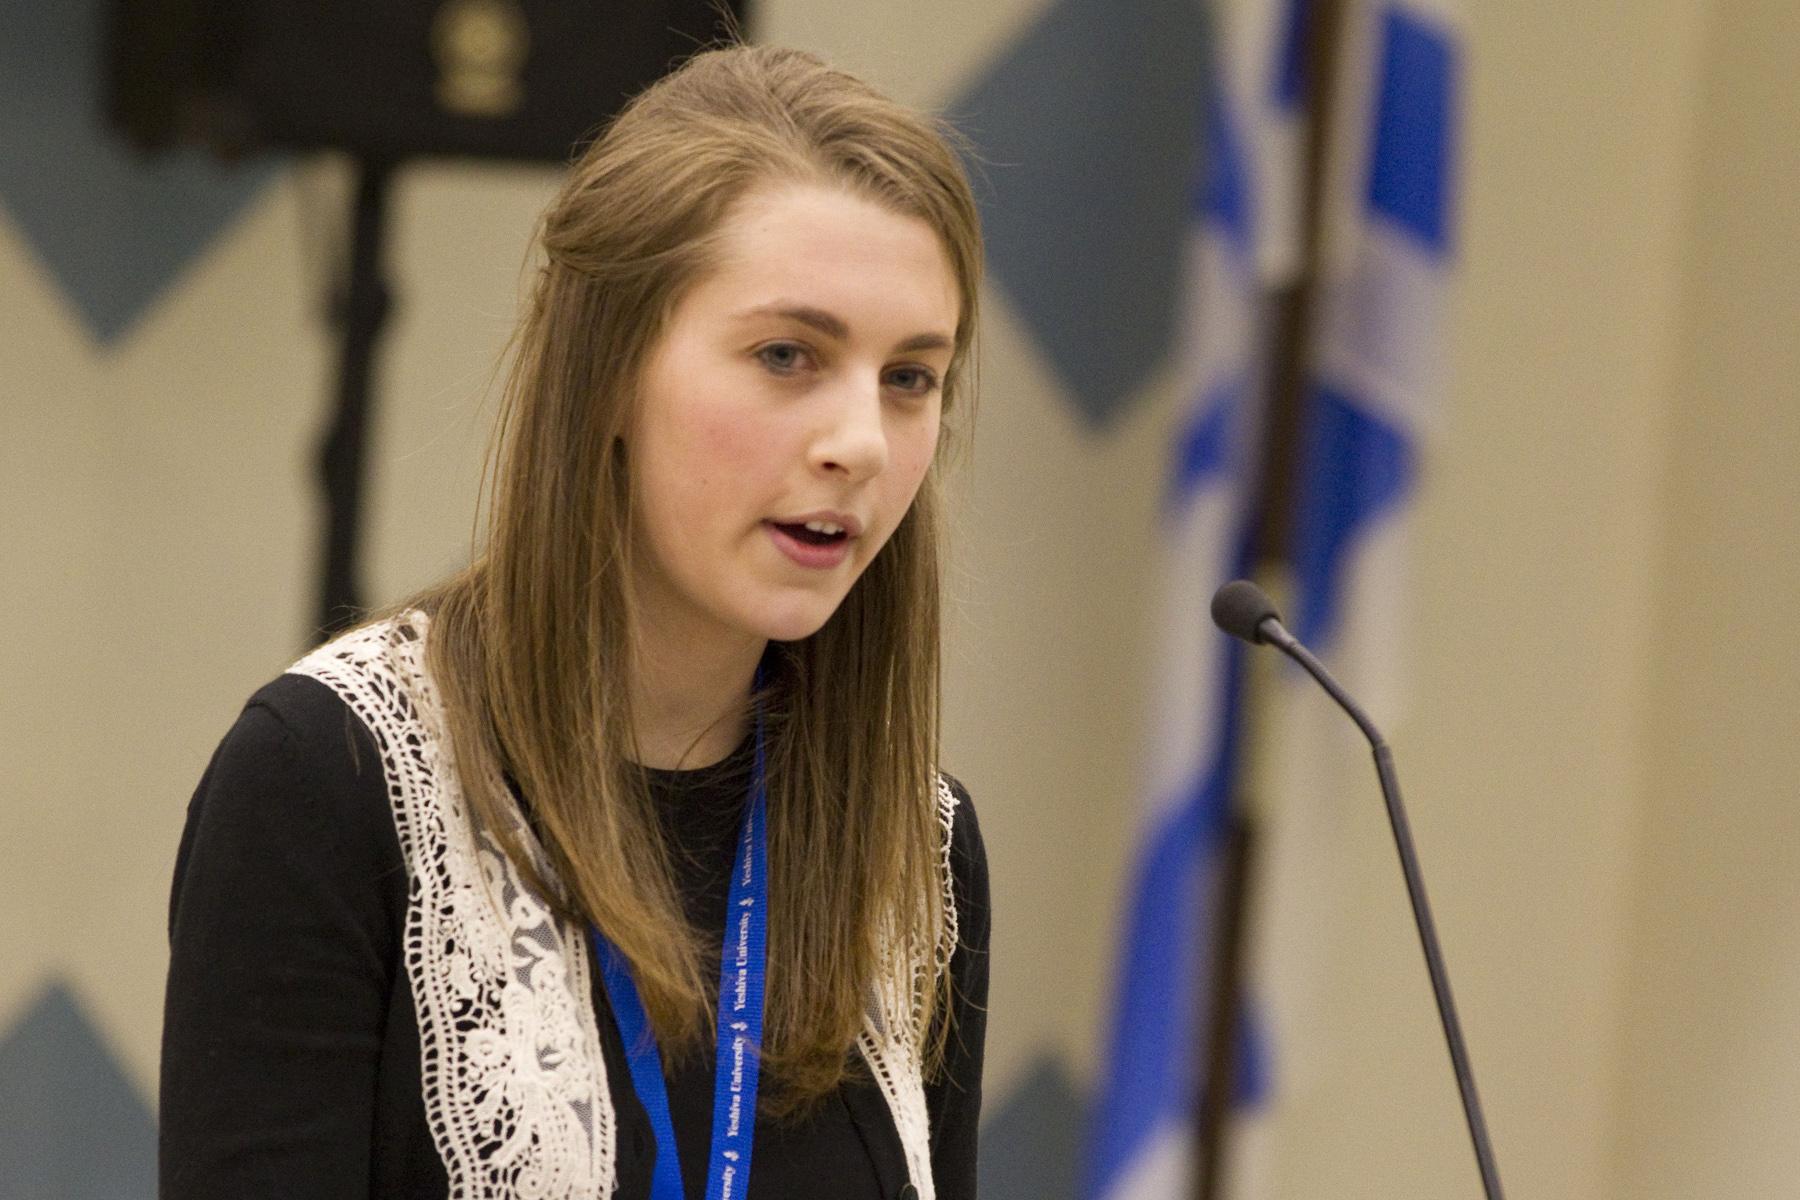 Mindy Sojcher, vice president of SHEM